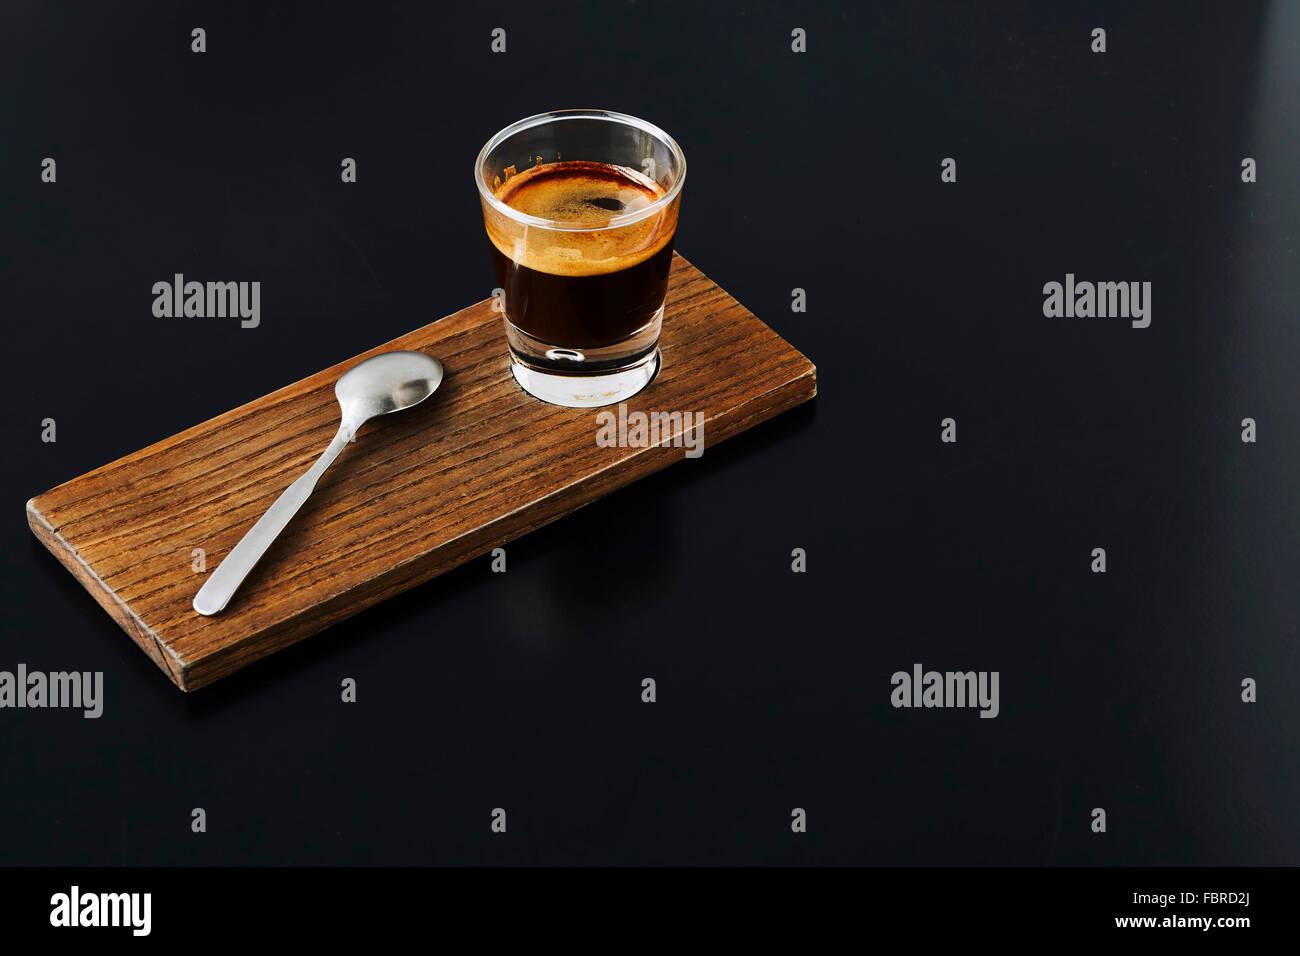 Nahaufnahme von einem Schuss Espresso auf Holzplatte Stockbild